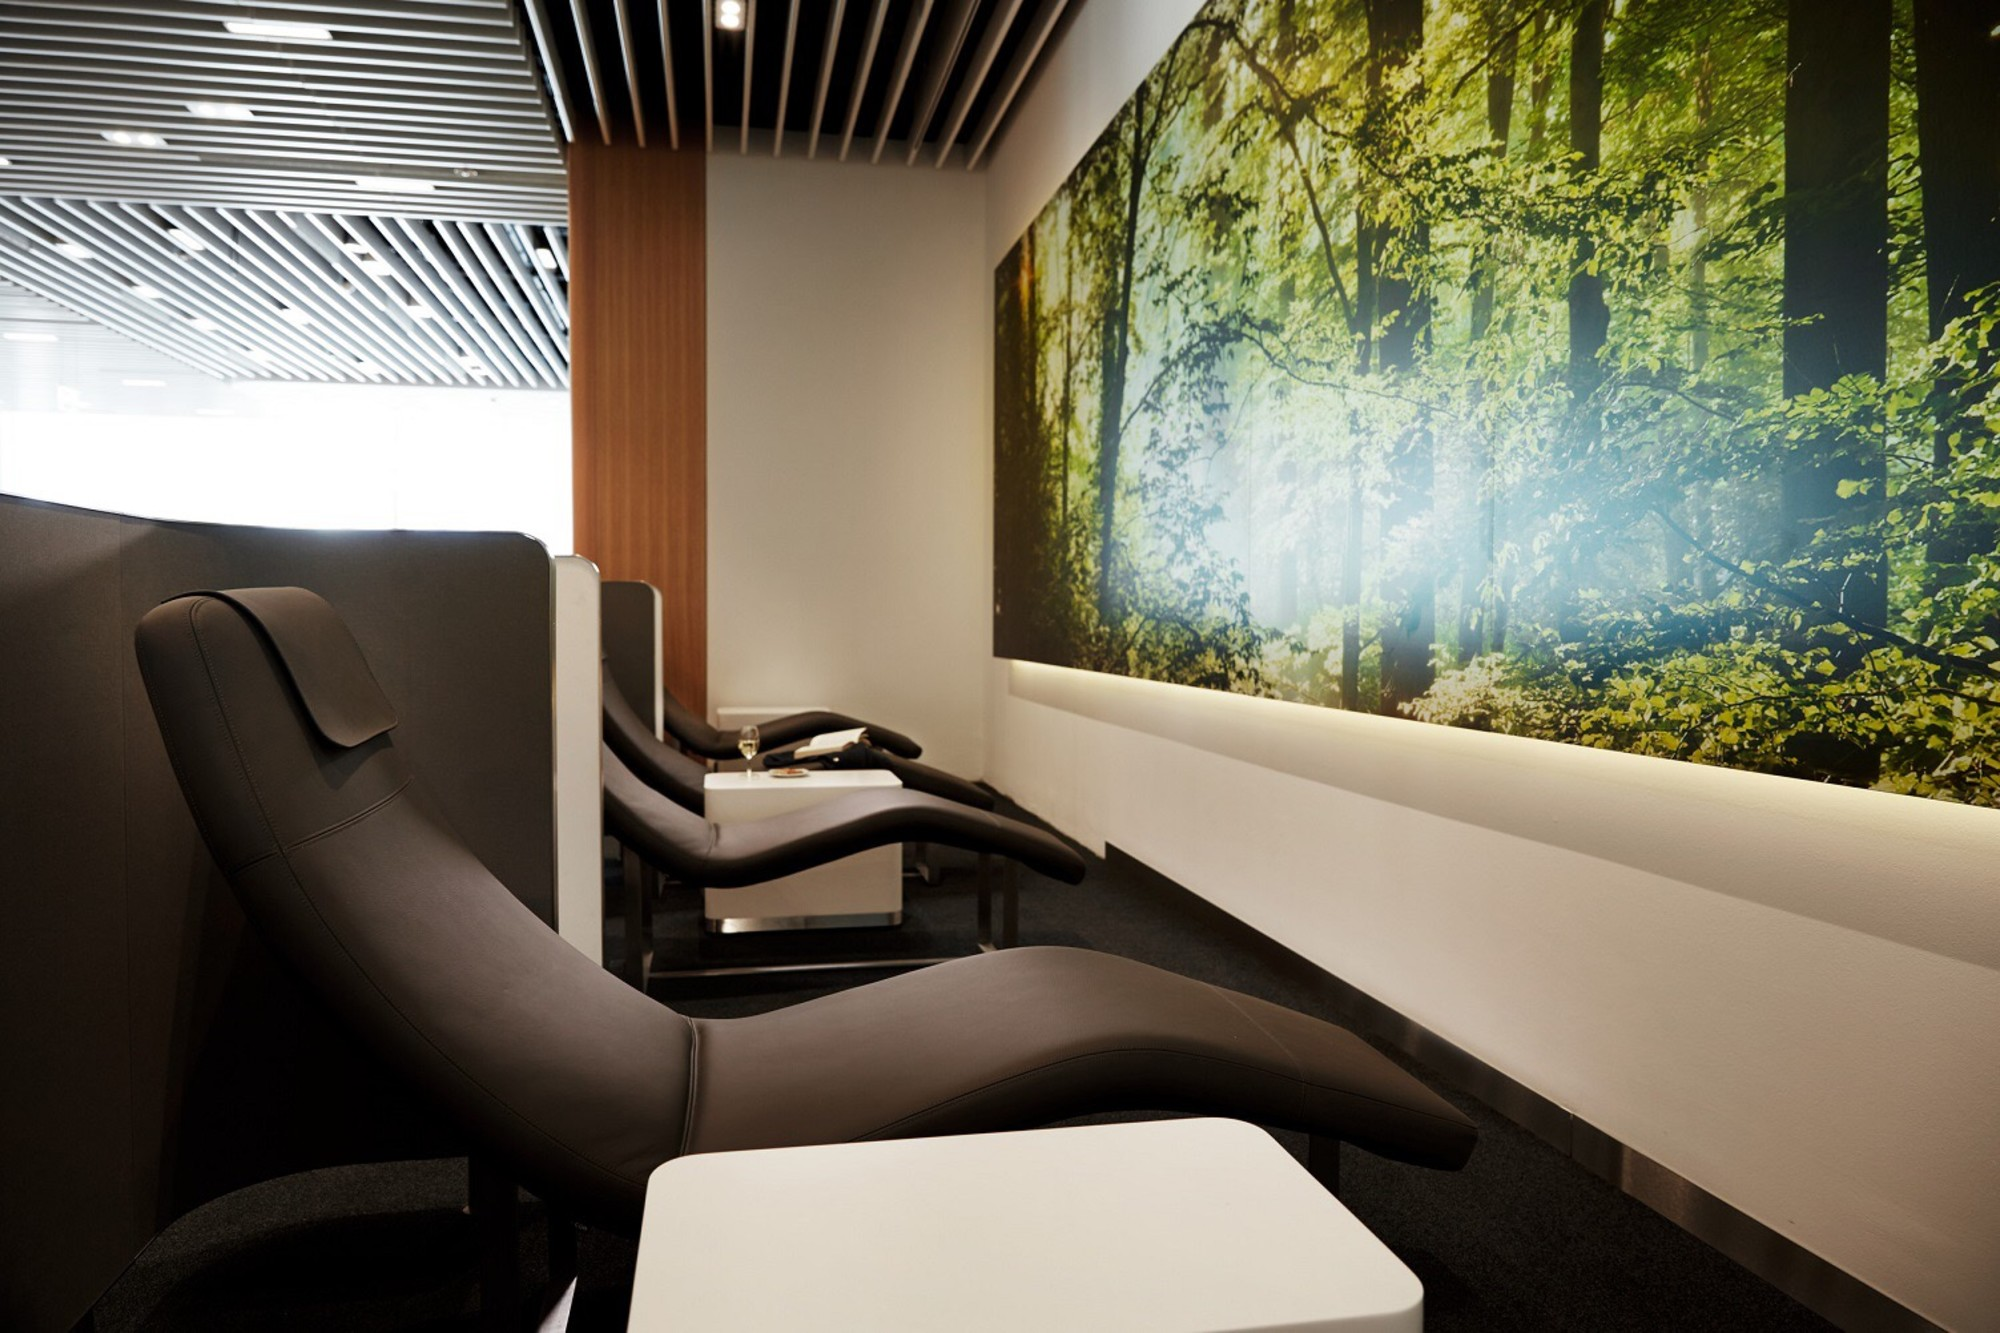 Lufthansa Business Lounge (Non Schengen)